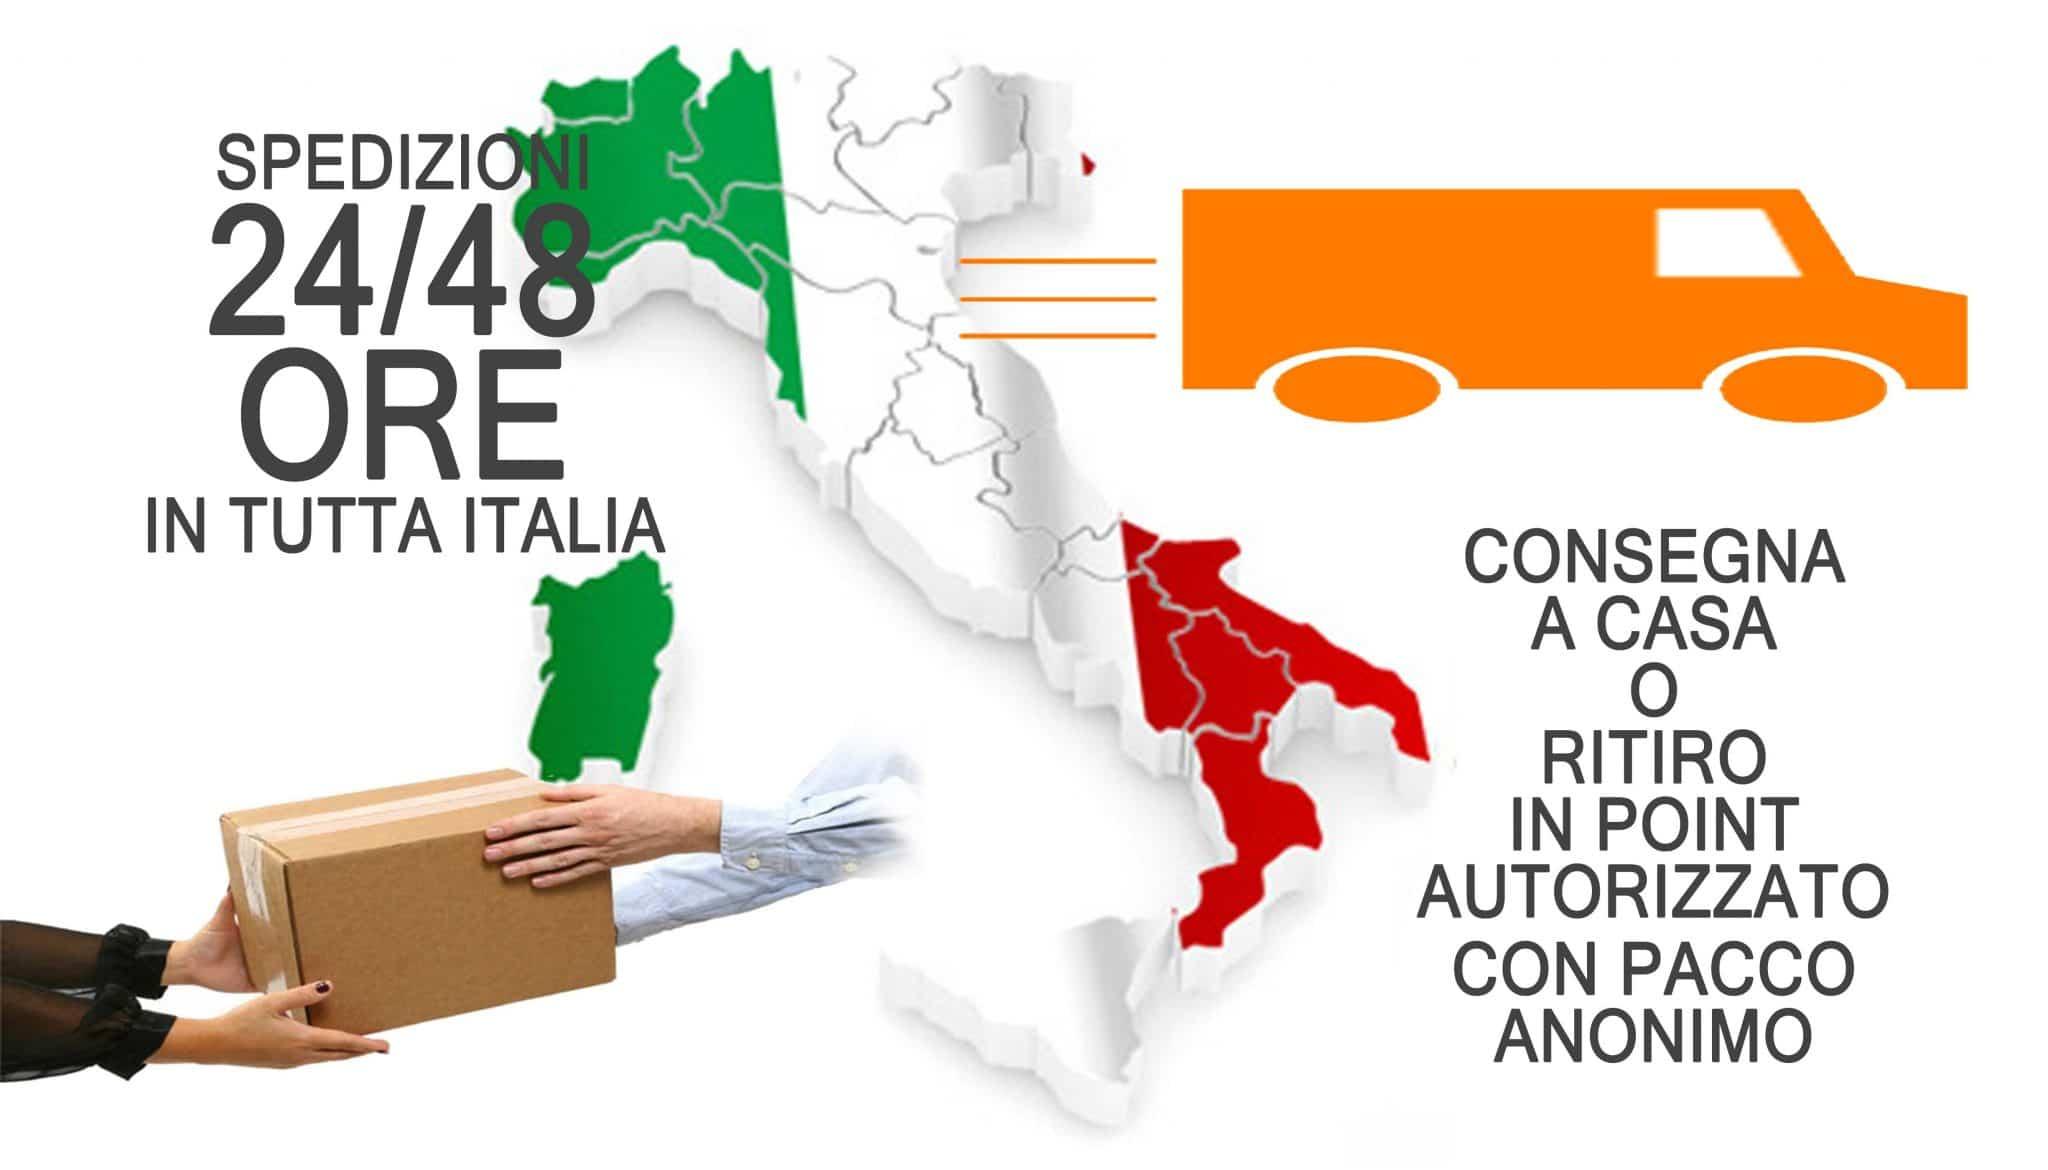 consegne cannabis light italia - Le nostre spedizioni informazioni, avvisi